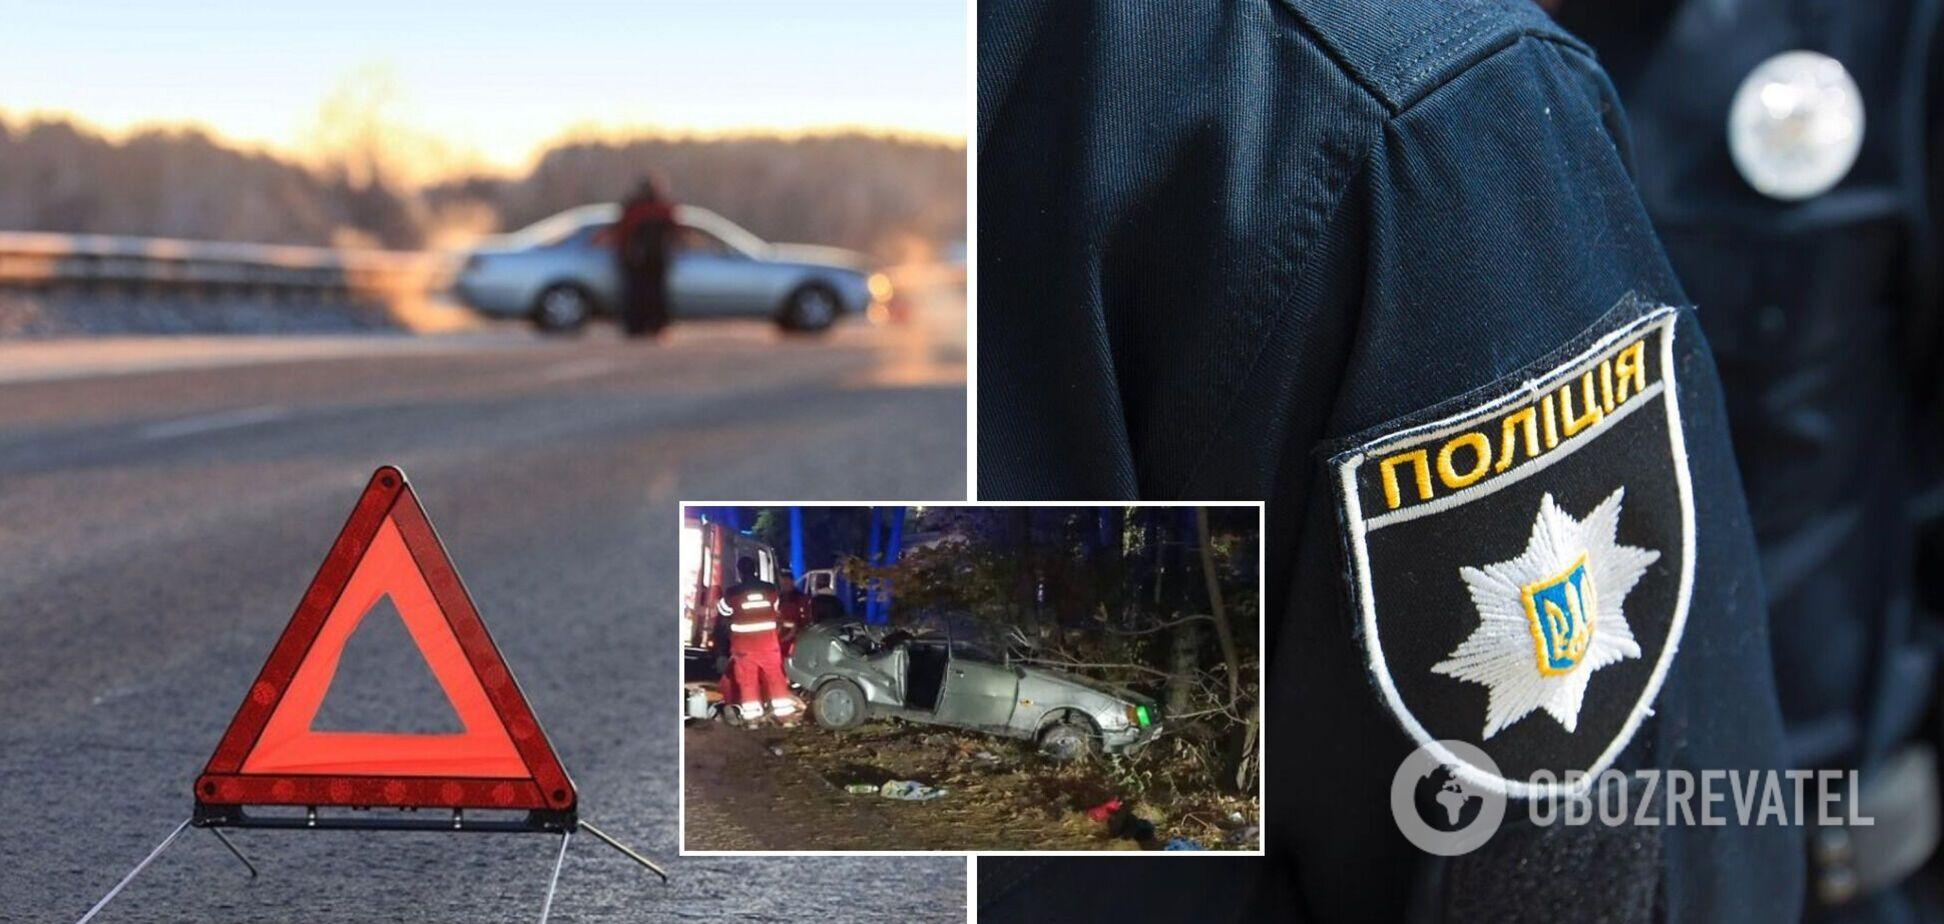 Під Києвом авто перекинулося і влетіло в дерево: загинула пасажирка. Фото